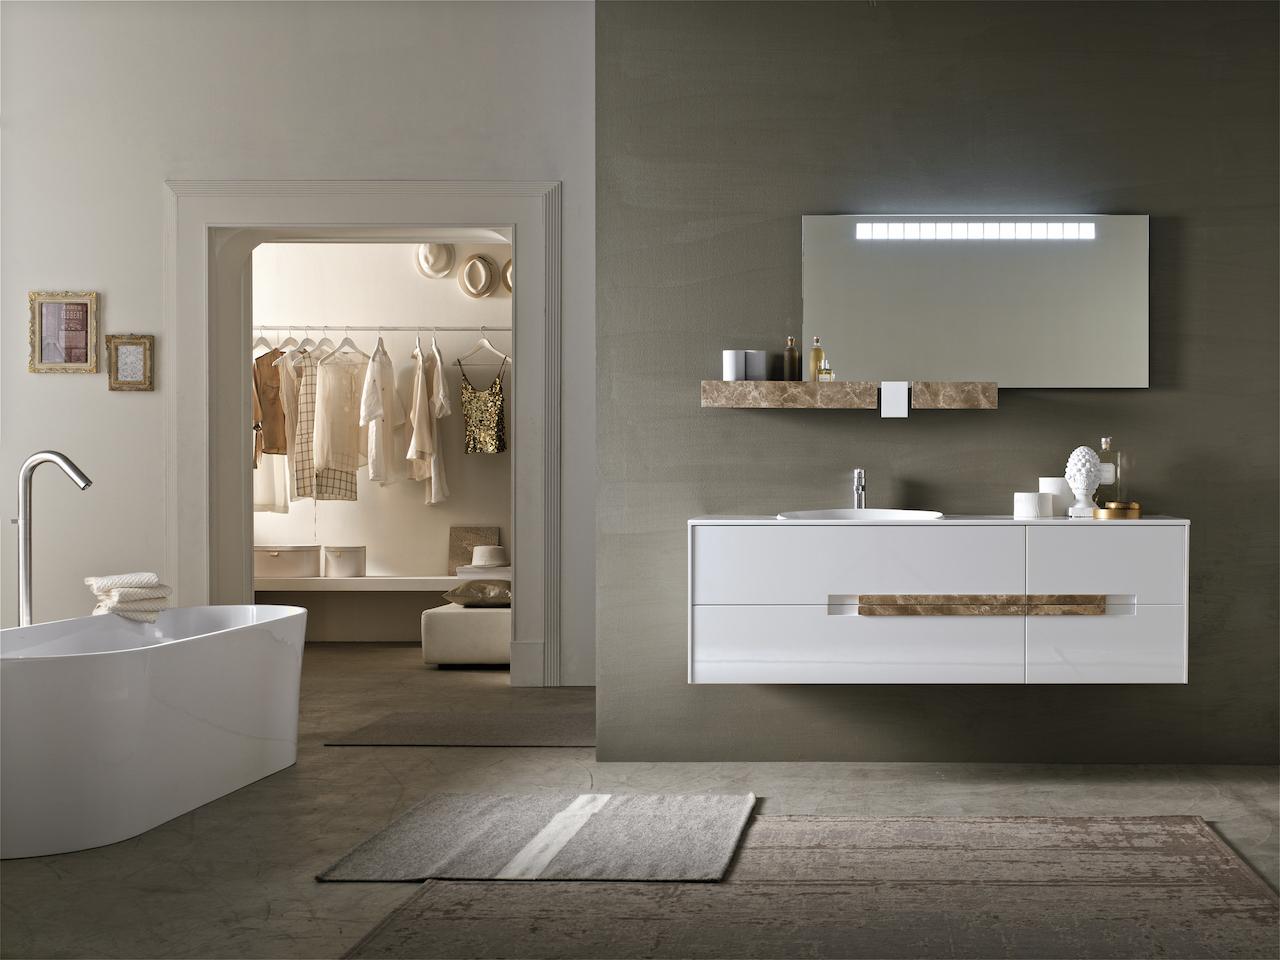 Artebagno arredo bagno taranto - Ceramiche bagno moderno ...